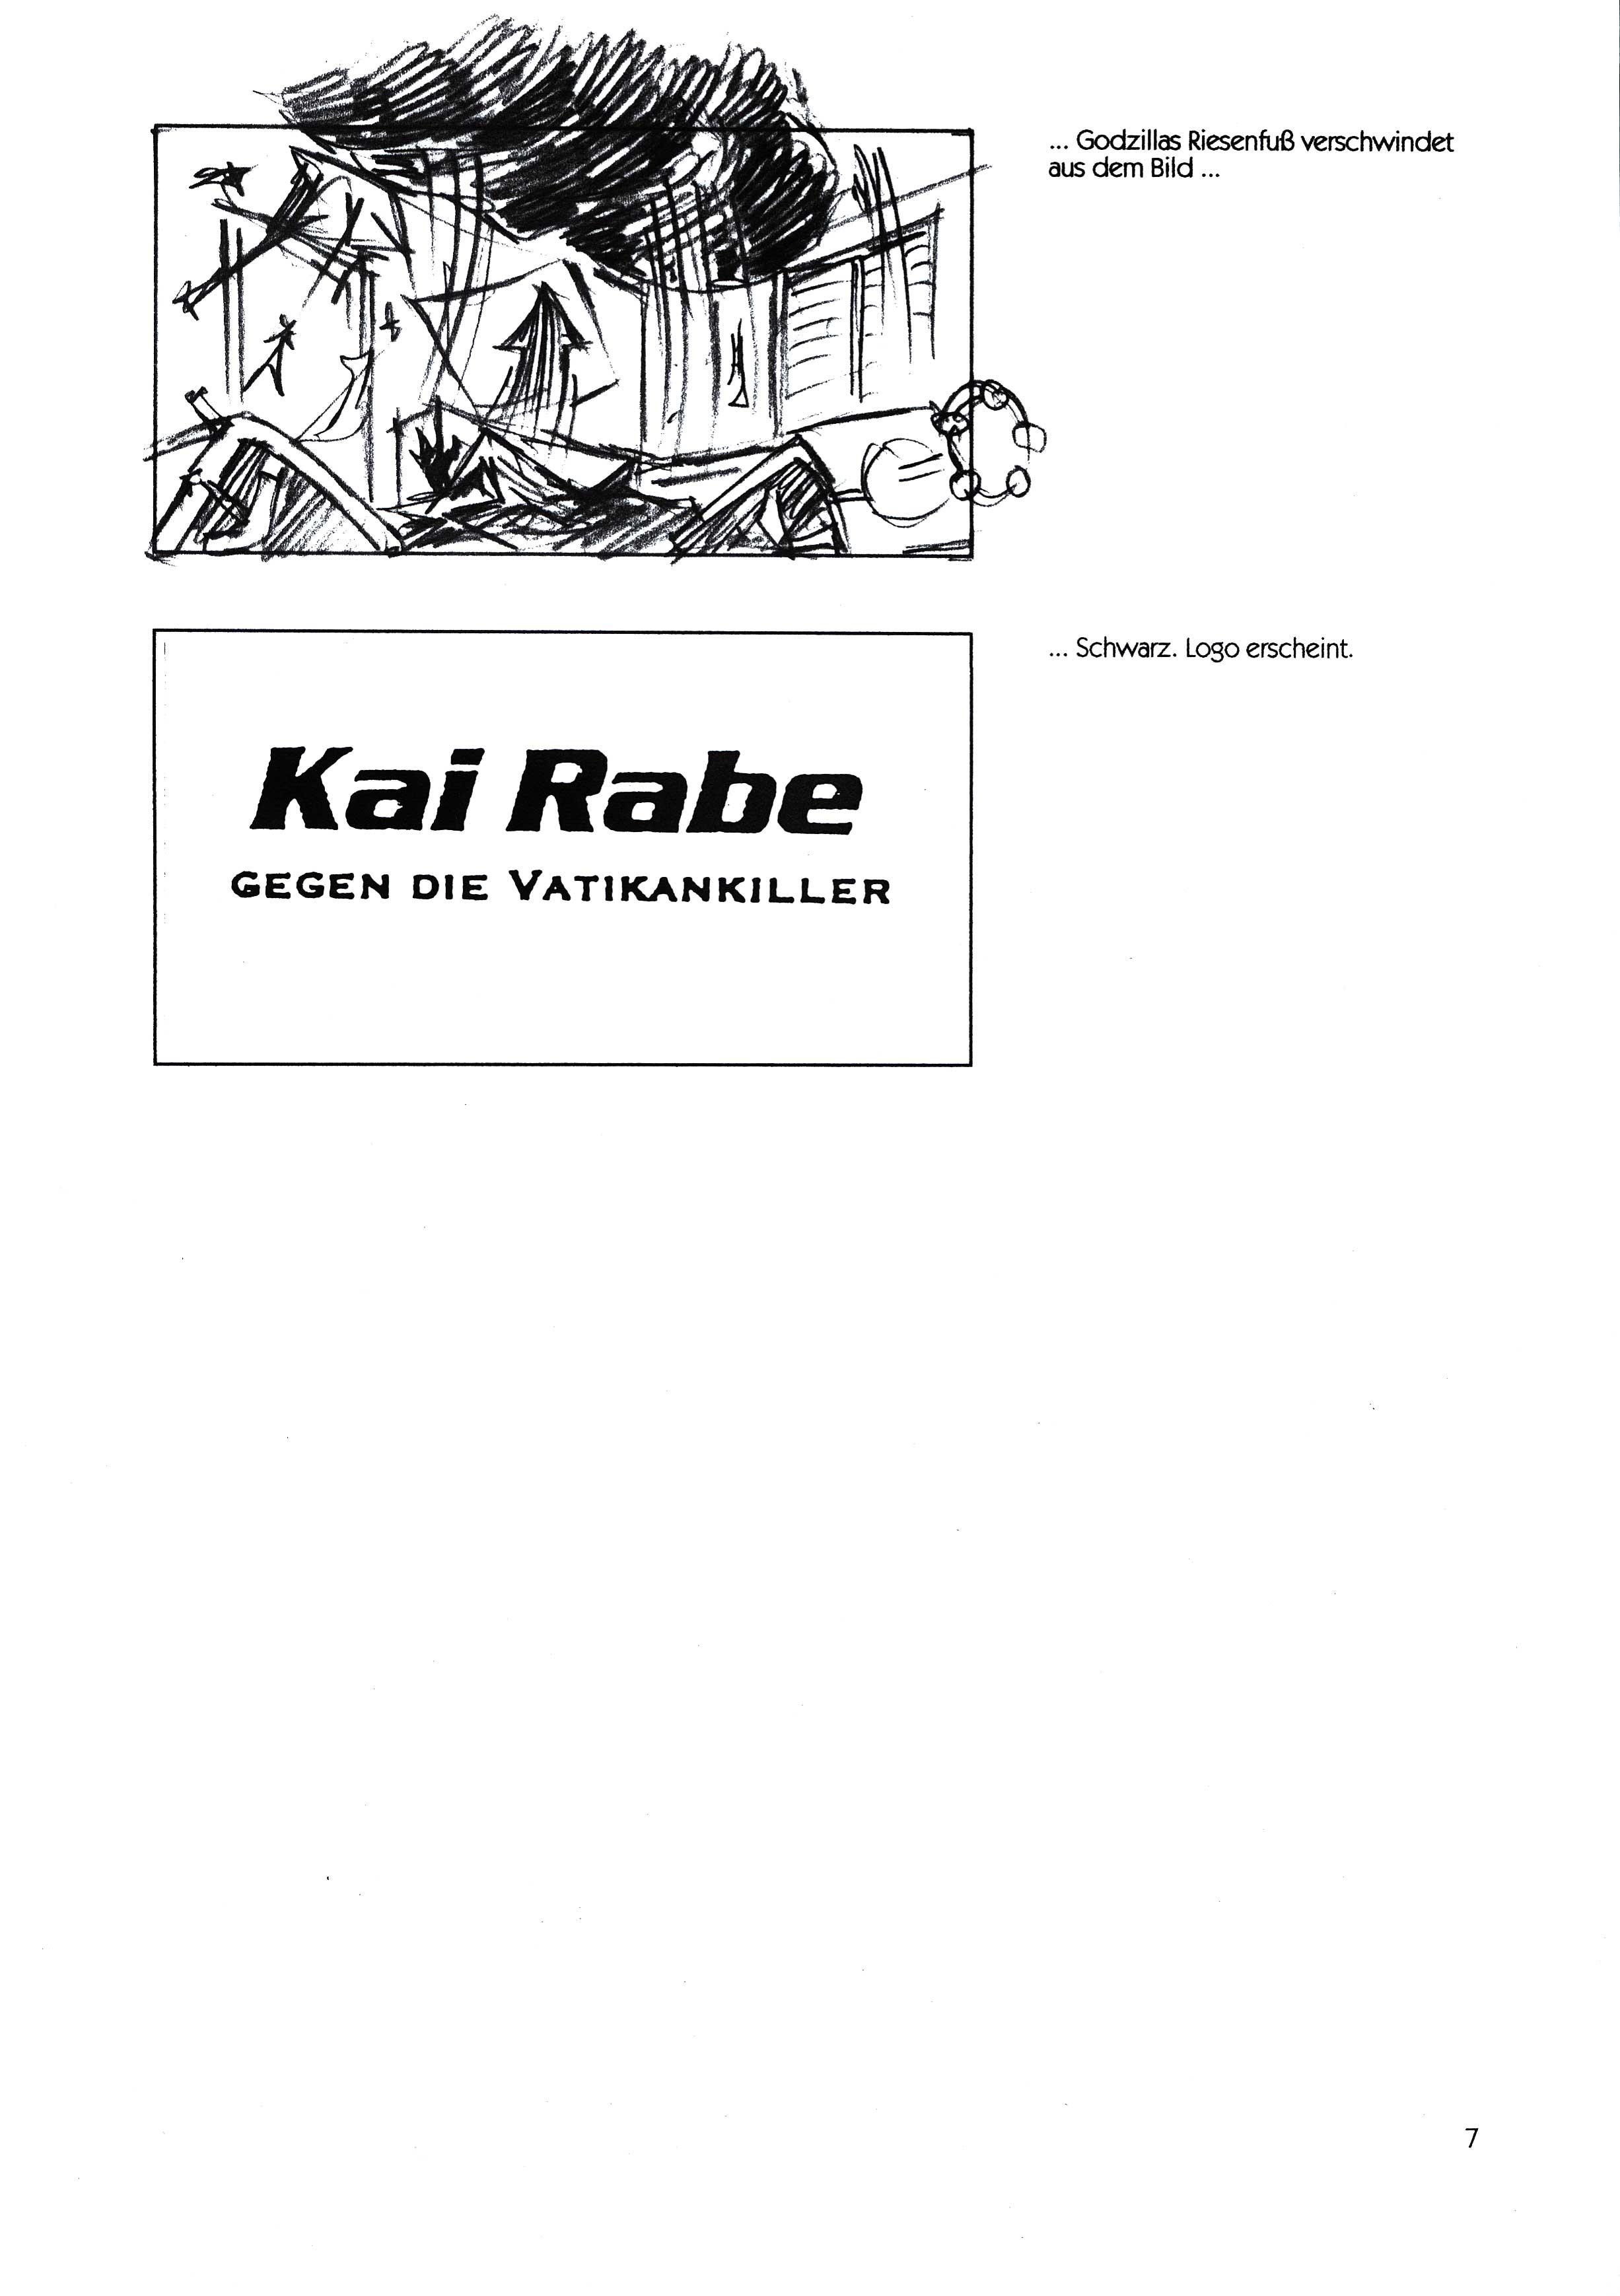 01kairabe-godz-04